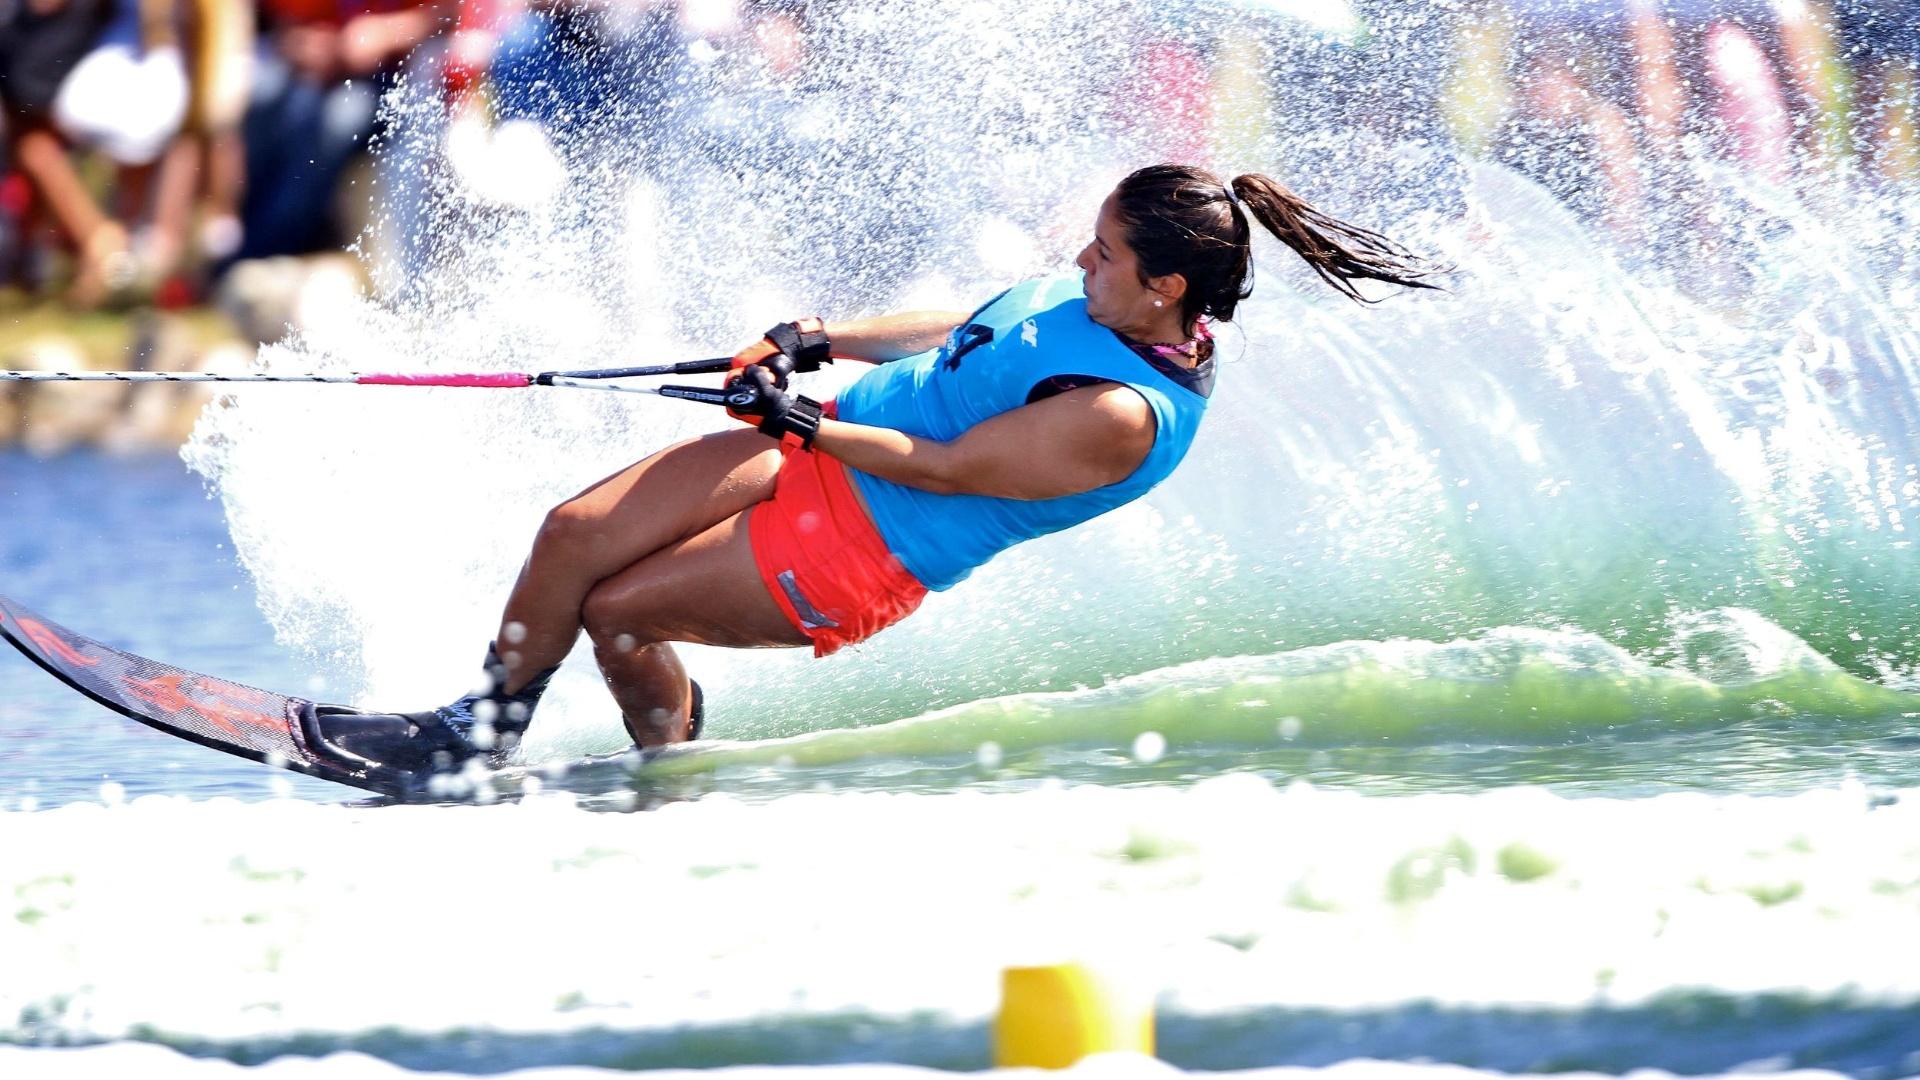 Juliana Negrão marcou 25 pontos no esqui aquático, modalidade slalom, e terminou na 5ª colocação (23/10/2011)